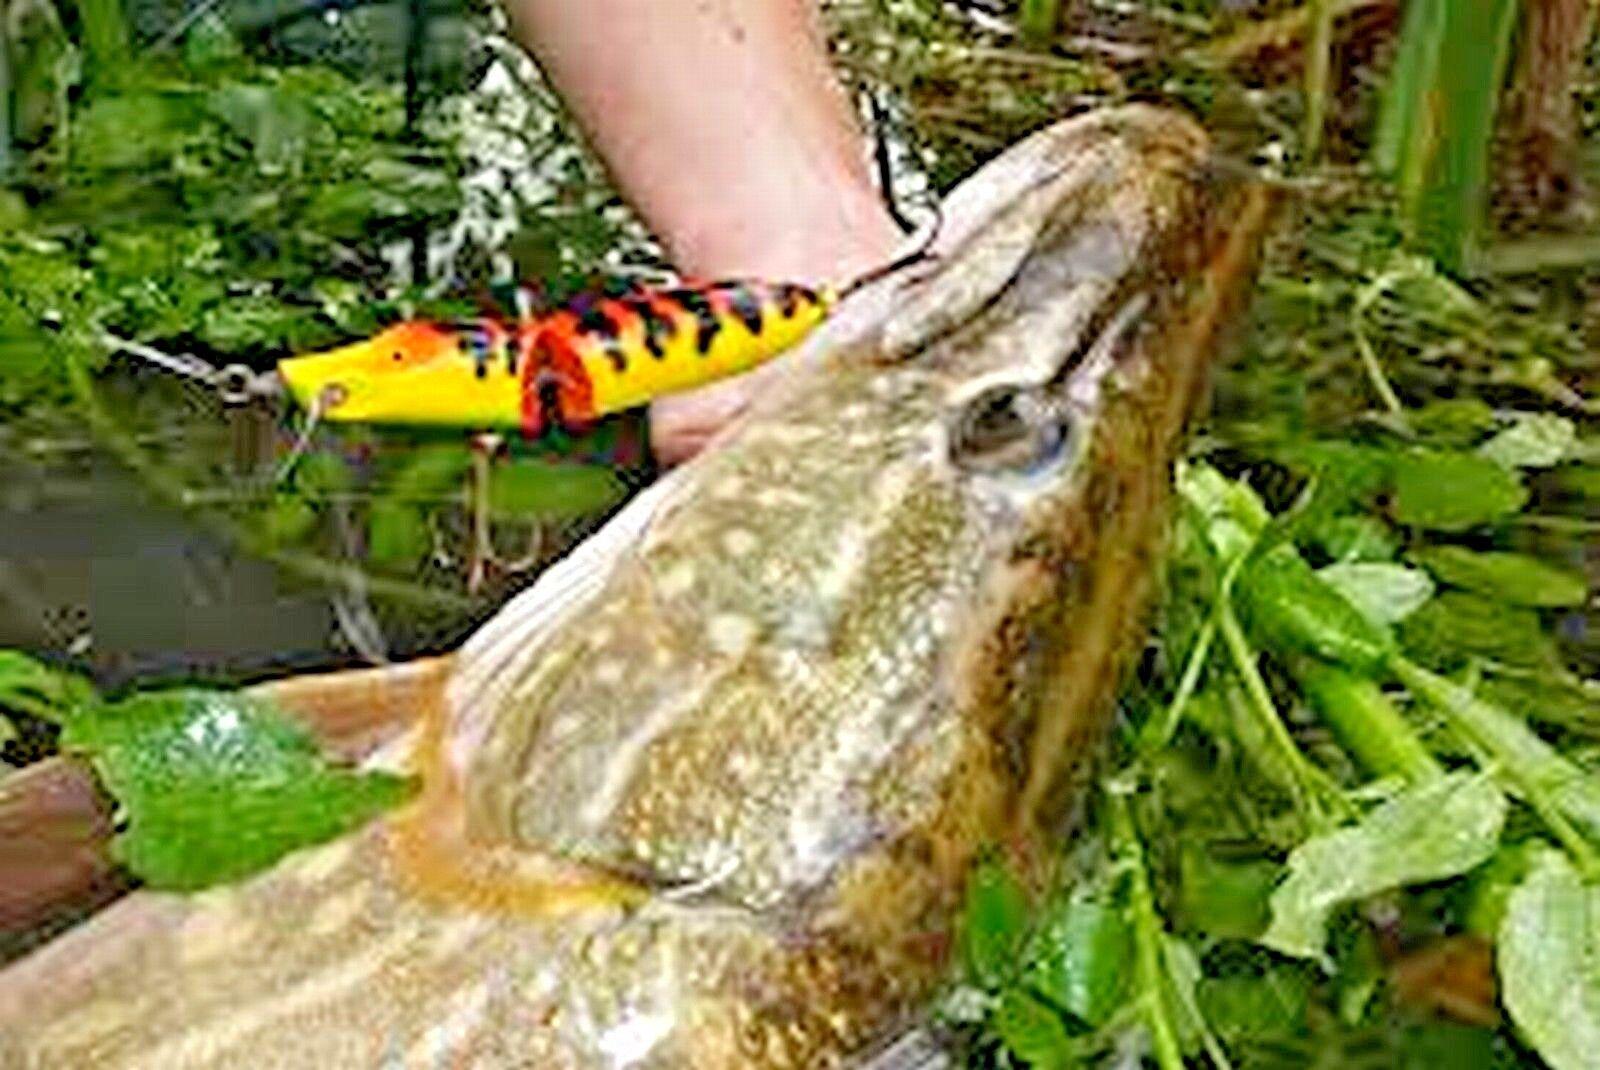 Pike Rod Pike canne à pêche perche Rod Zander  Inclut Bobine envoi gratuit